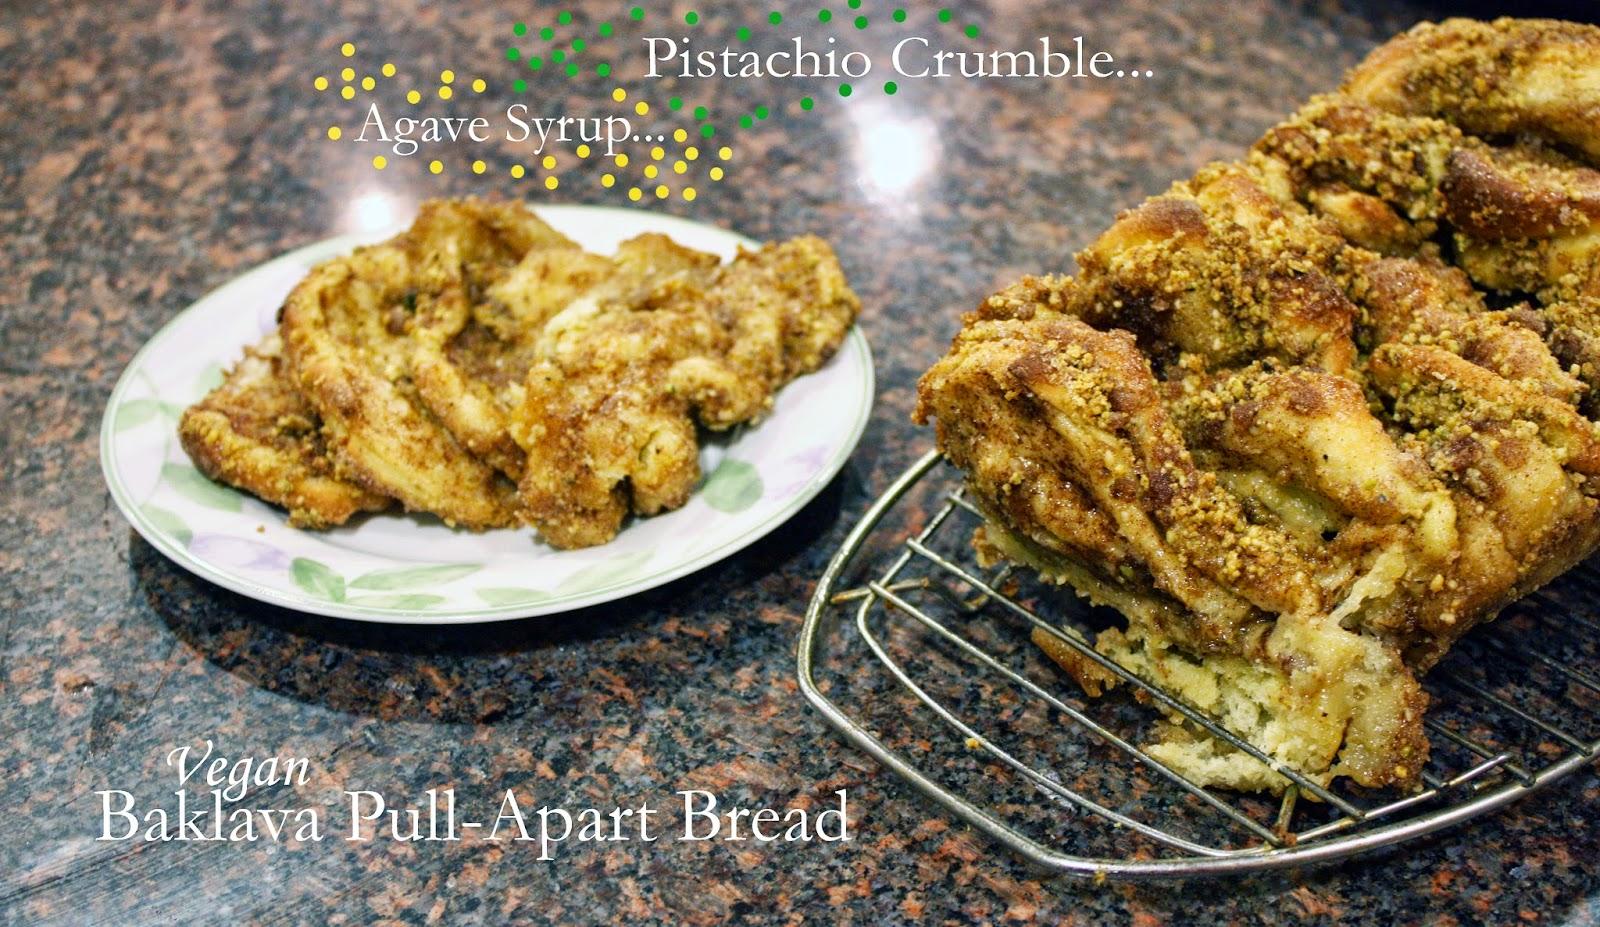 vegan baklava pull-apart bread